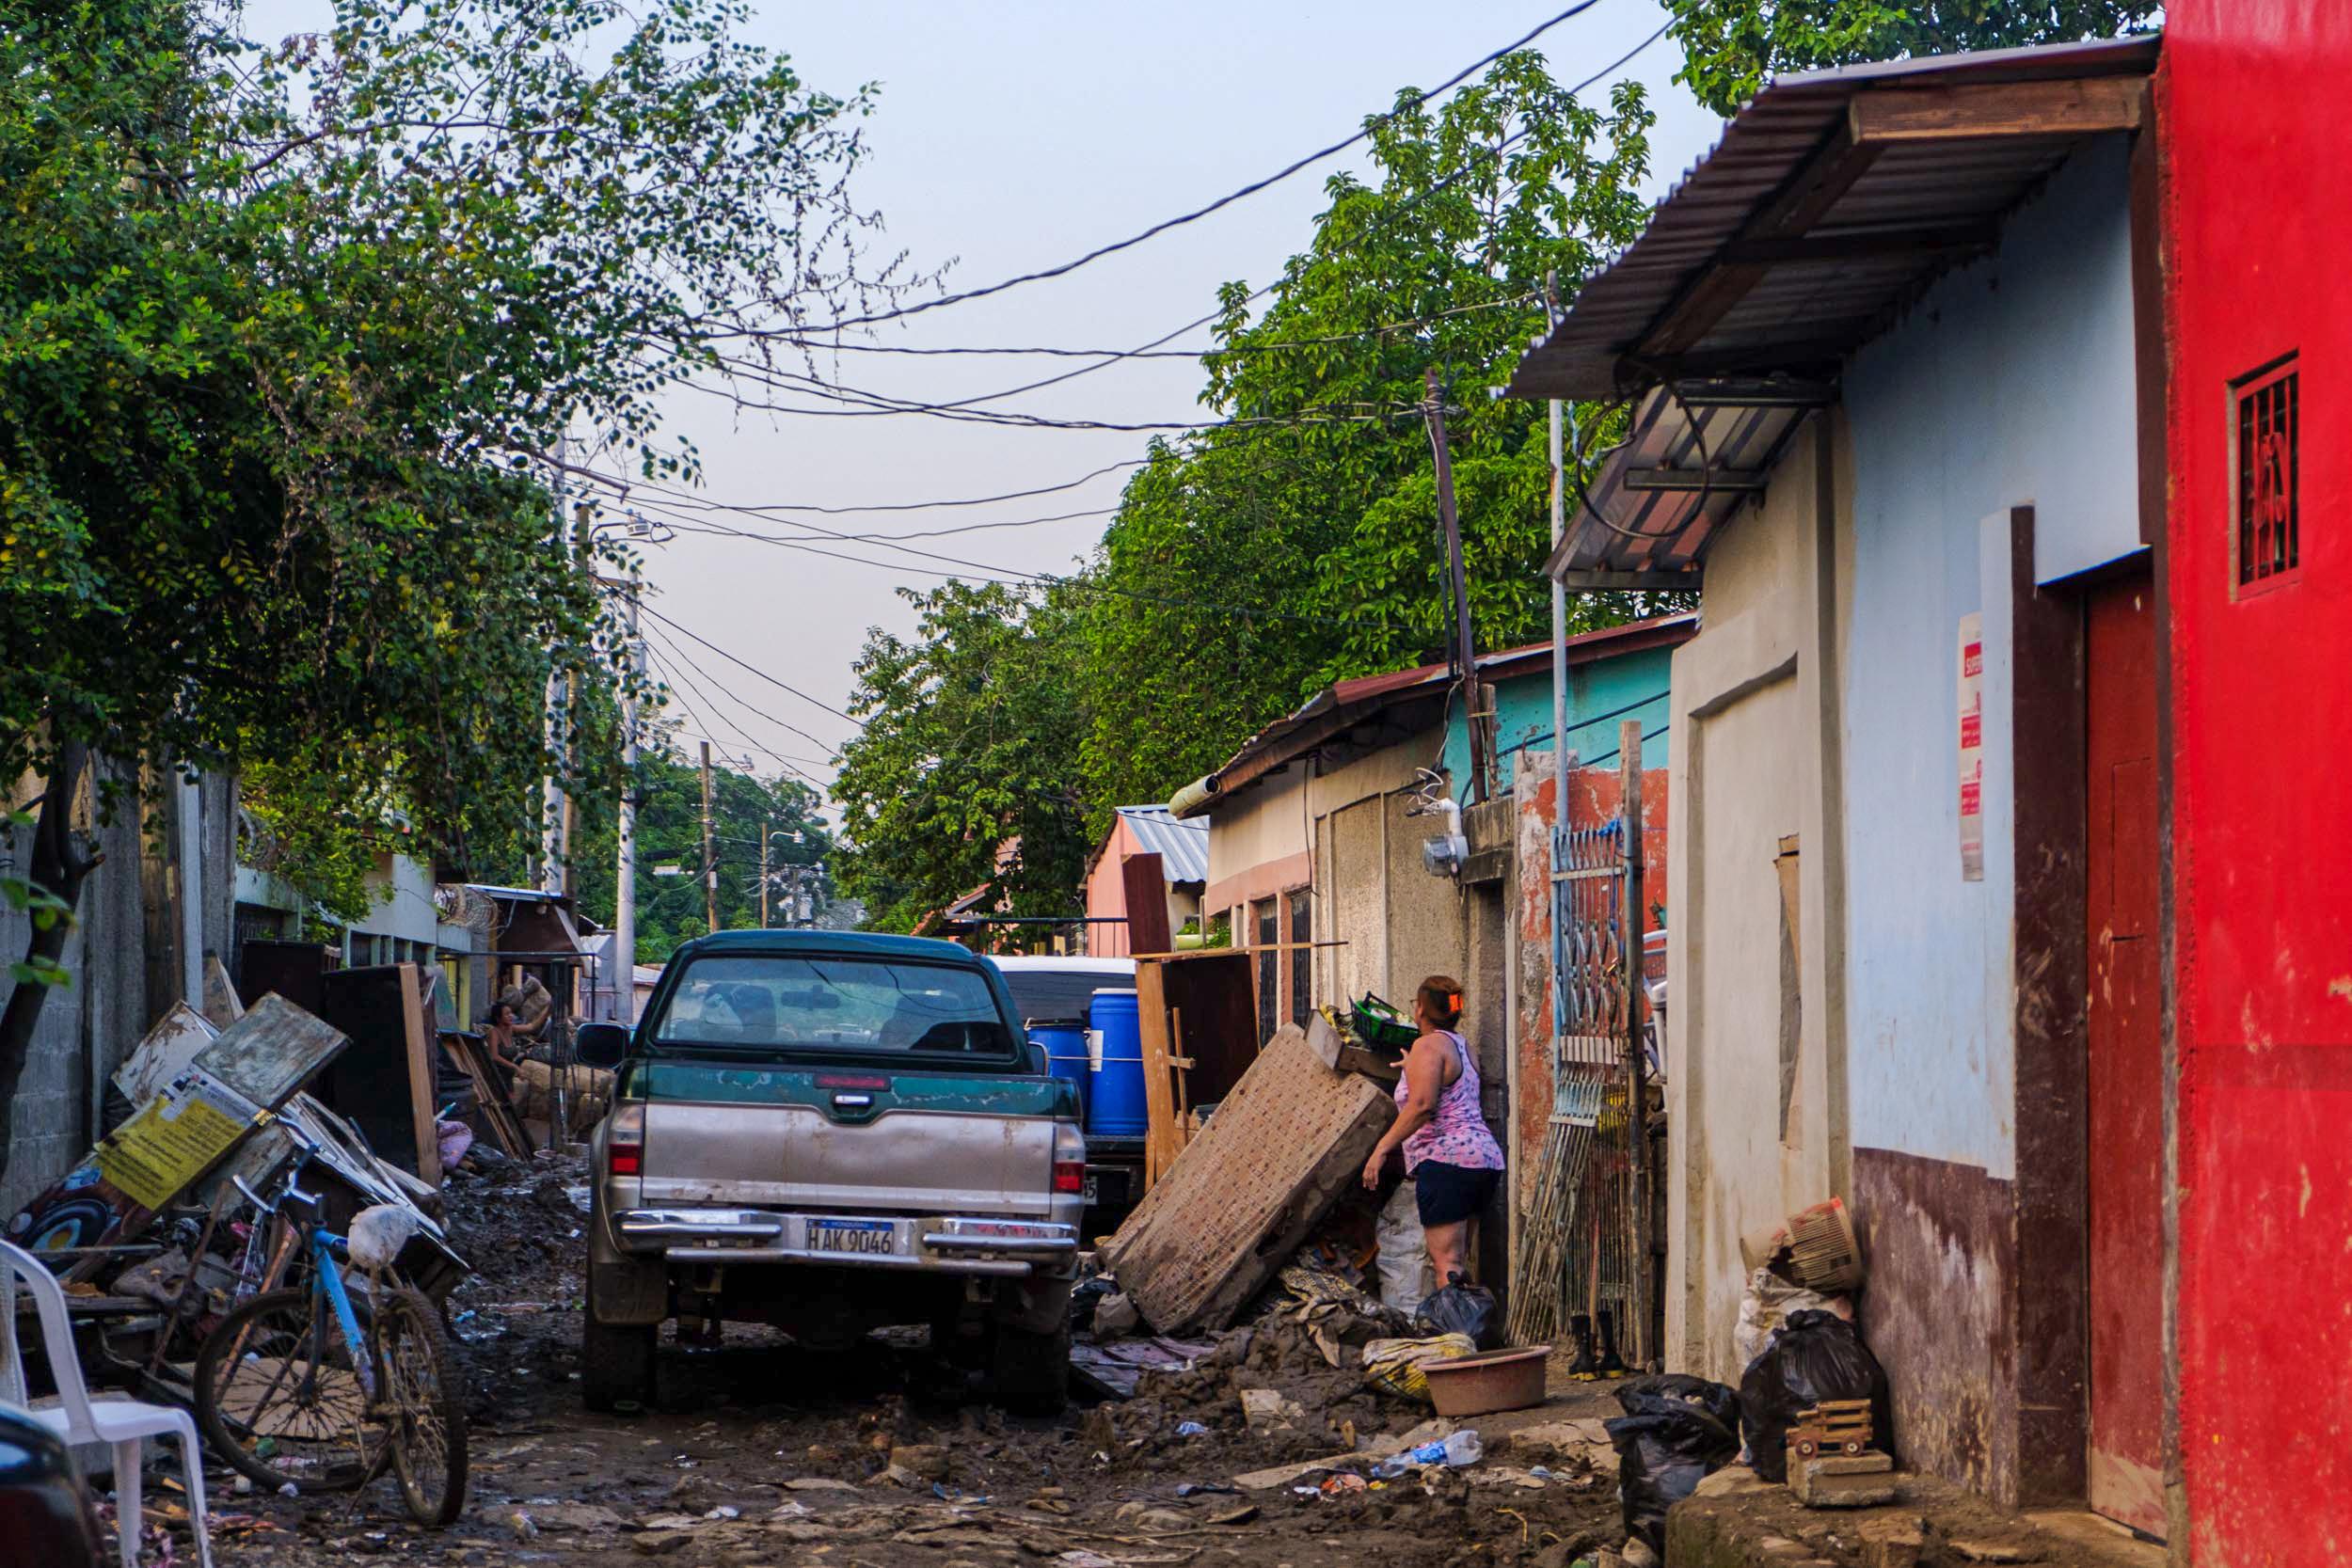 Muchos vecinos perdieron la mayor parte de sus pertenencias. San Pedro Sula, 10 de noviembre 2020. Foto: Deiby Yanes.